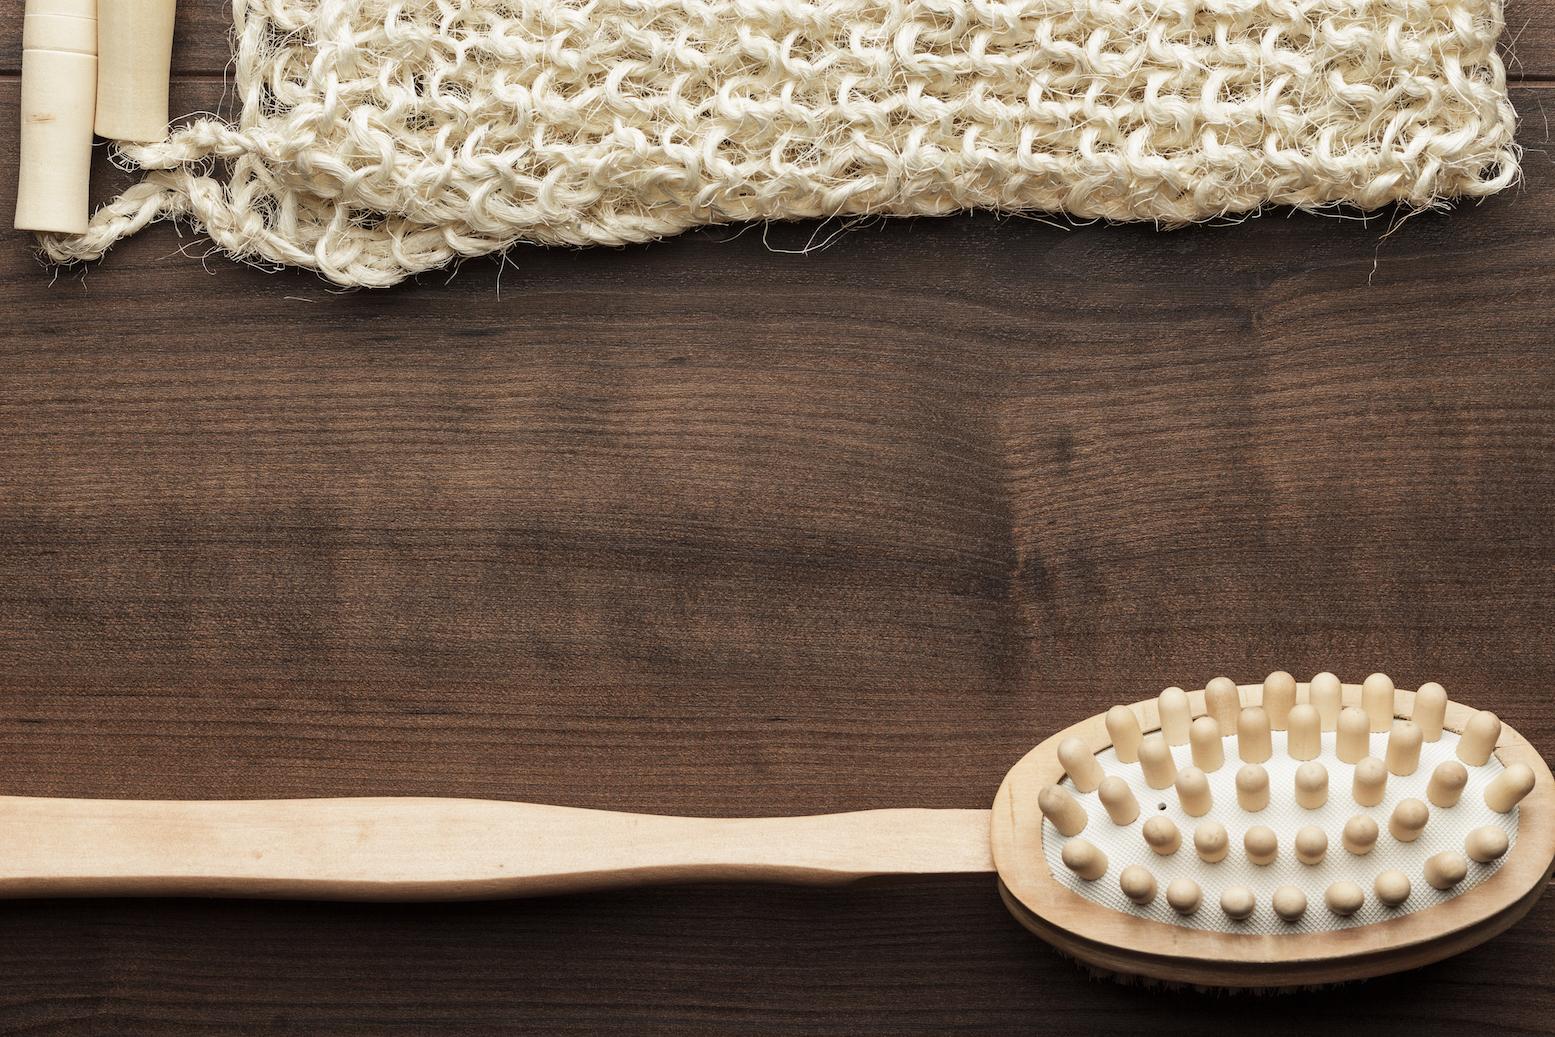 cepillo-de-bambu-y-banda-de-yute-para-masajes-de-espalda-de-materias-naturales-propias-de-hogar-ecologico